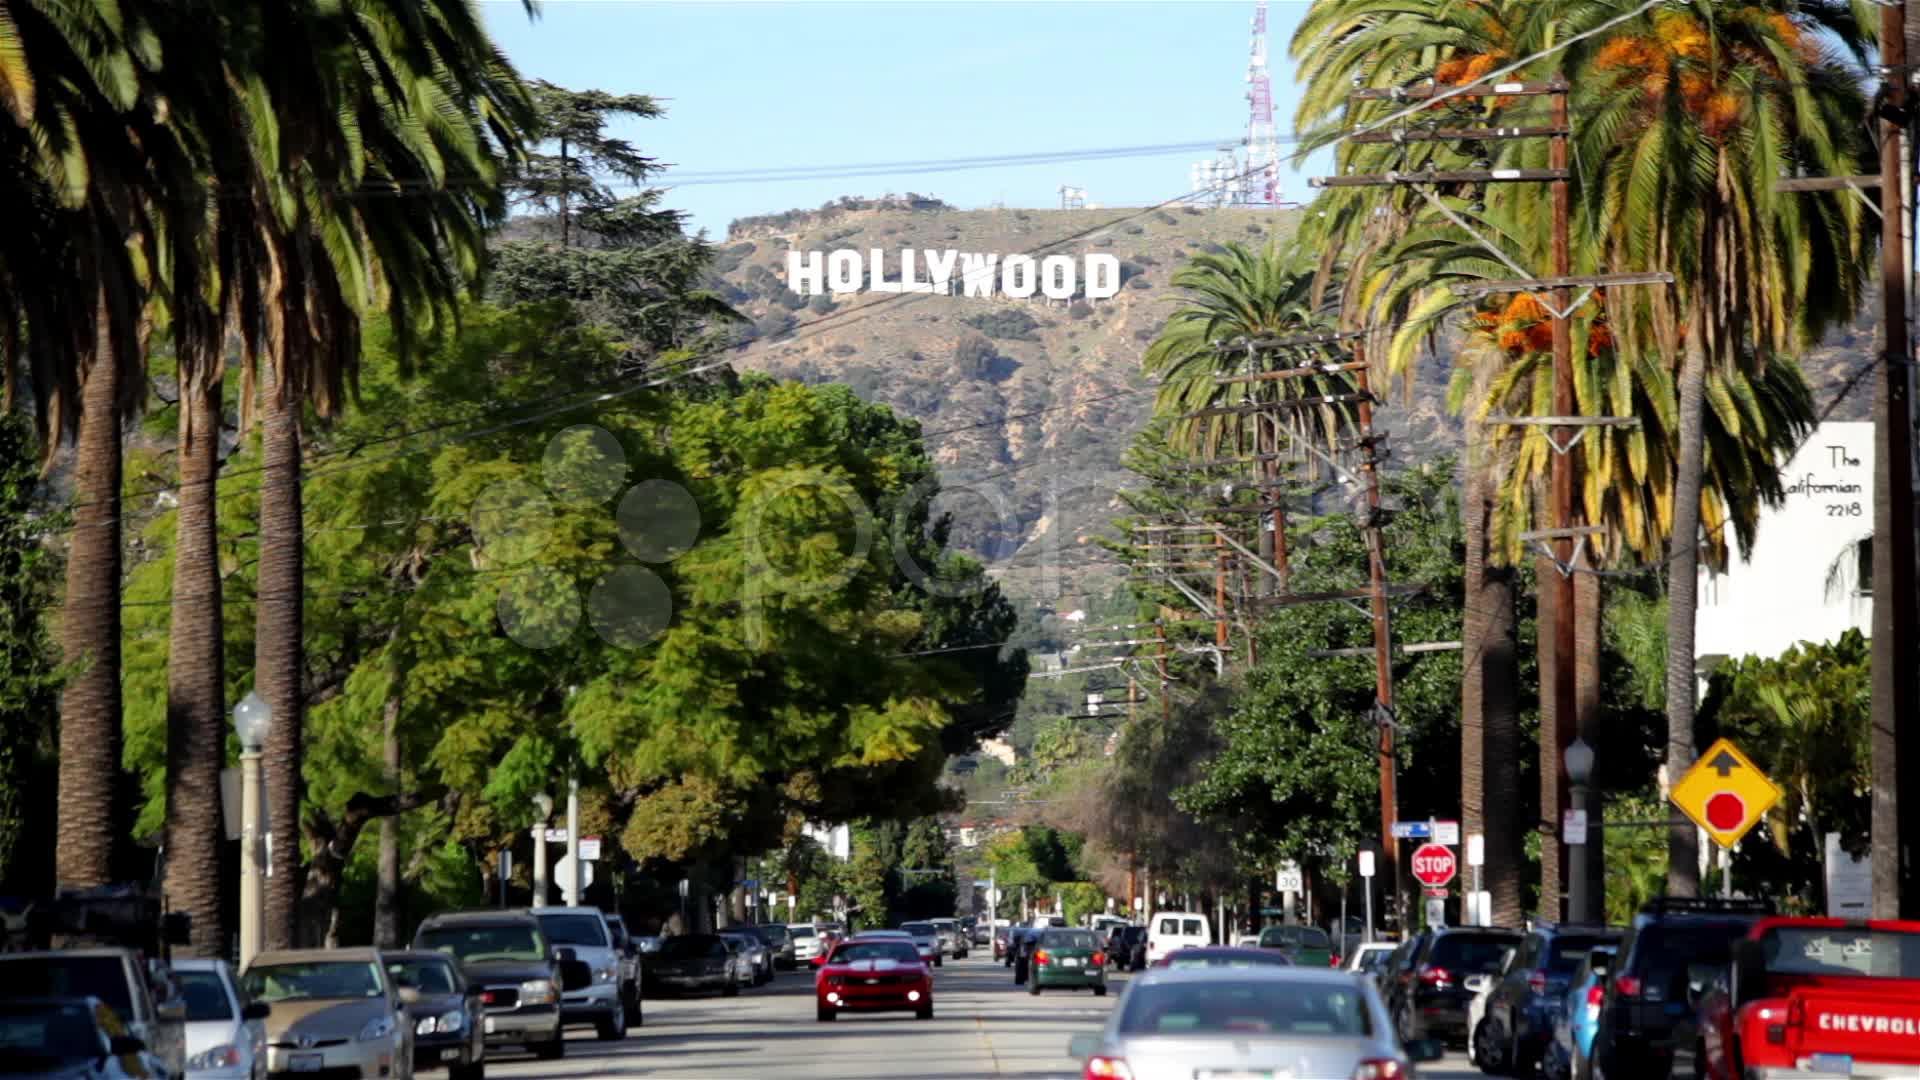 Hollywood Sign Wallpaper - WallpaperSafari